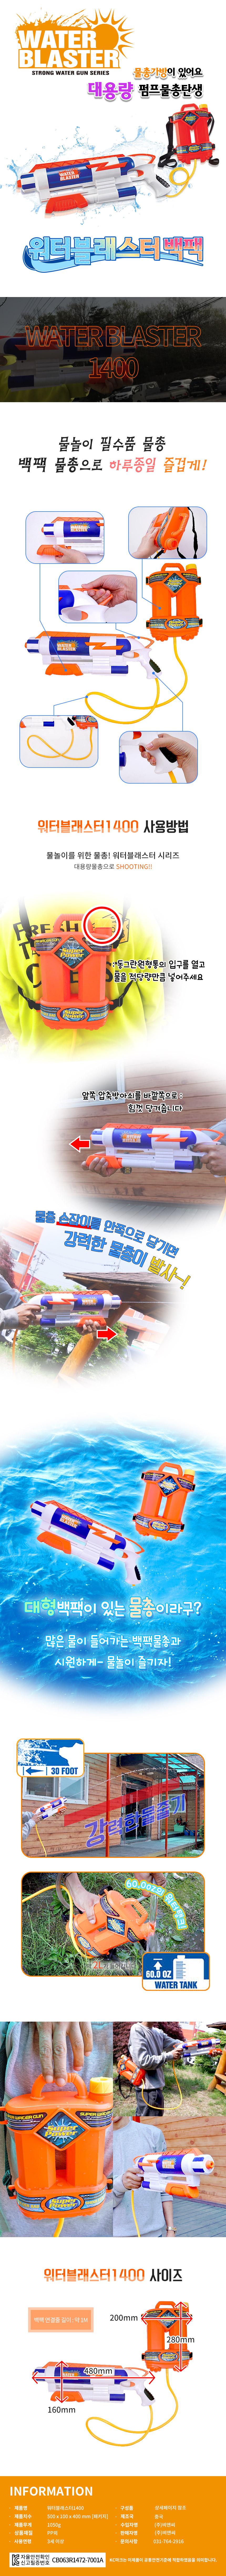 워터블래스터 백팩 물총 대용량 펌프 물총 가방 - 비앤씨, 25,000원, 장난감, 장난감